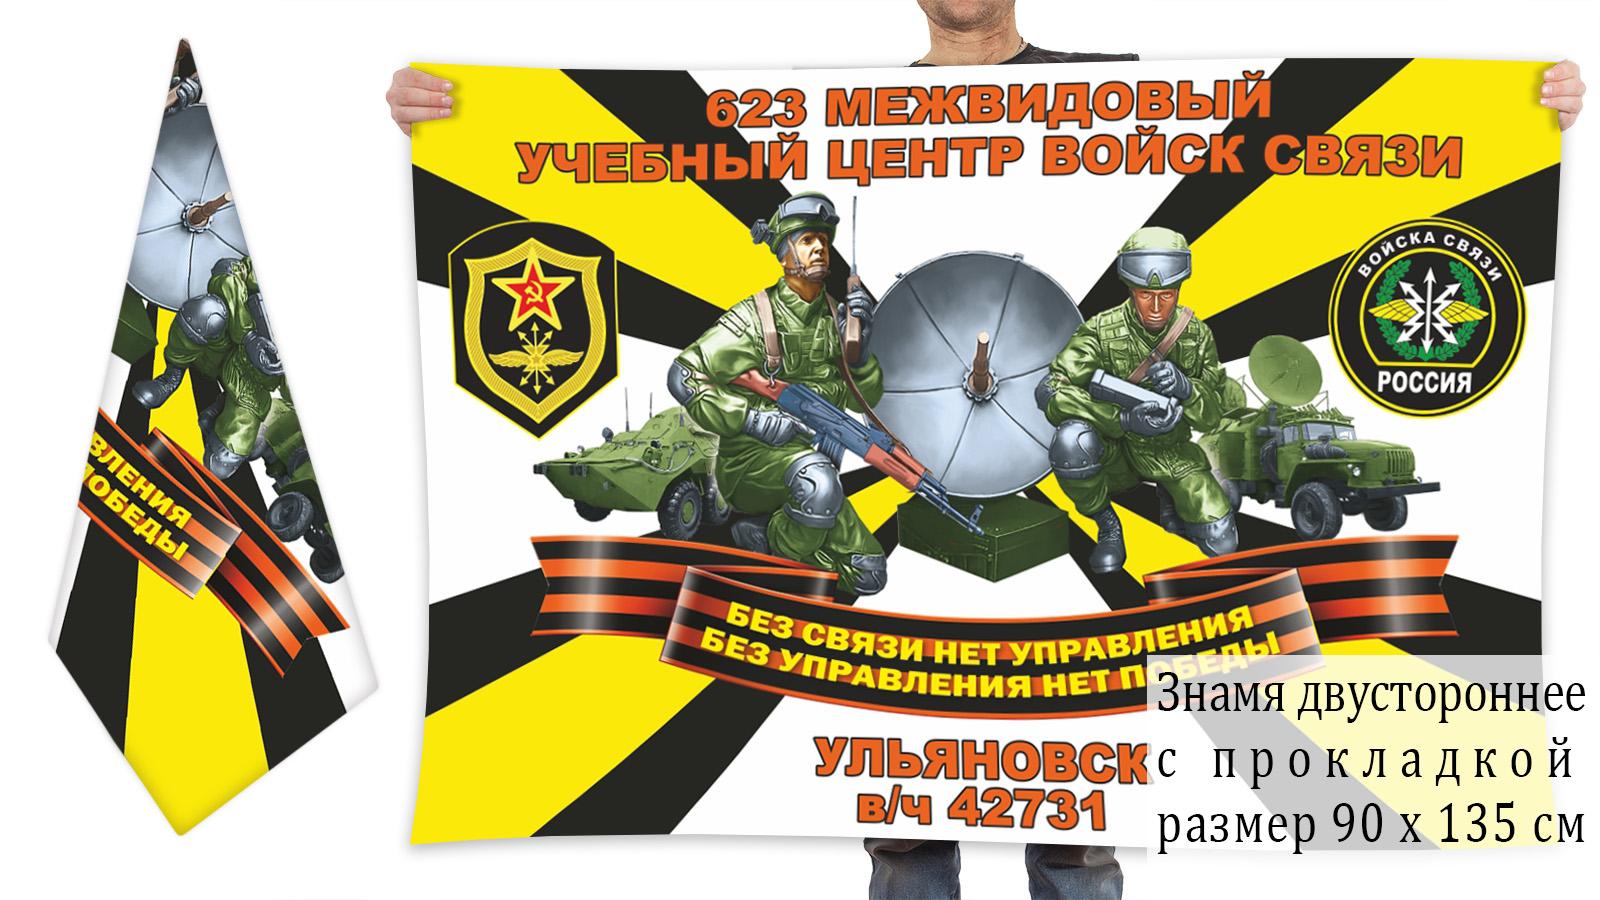 Двусторонний флаг 623 межвидовый учебный центр войск связи